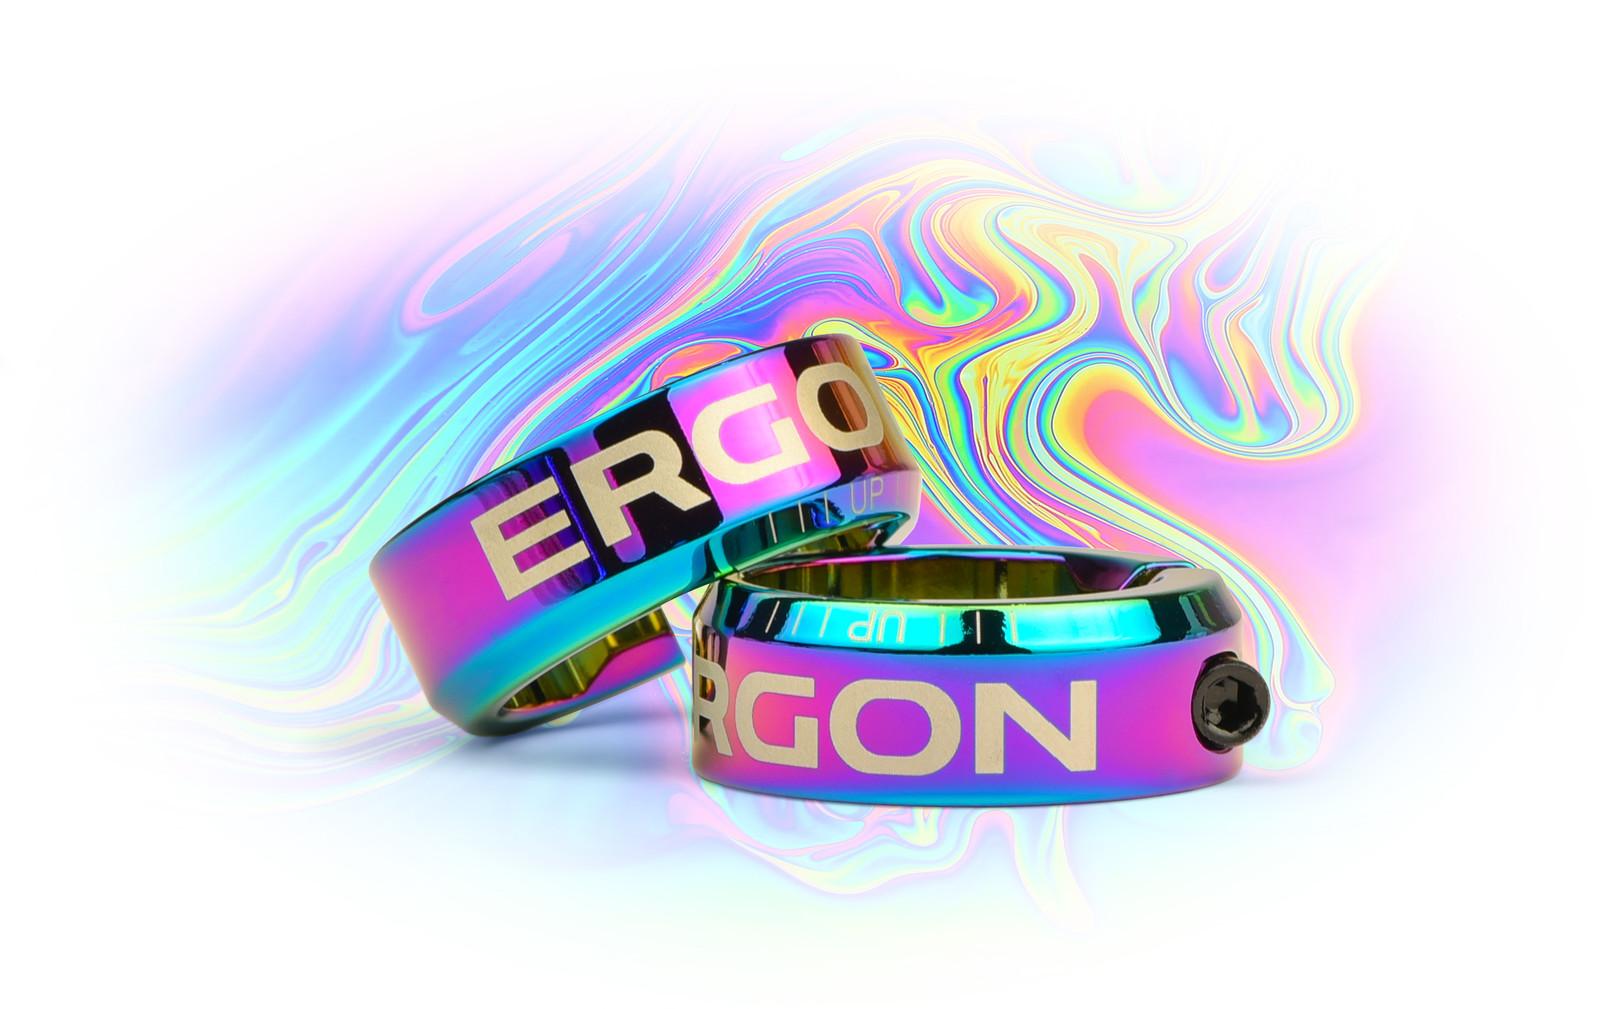 ERGON GA2, GA2 FAT, GA3, GD1, GD1 Evo, and GFR1 grip clamps.